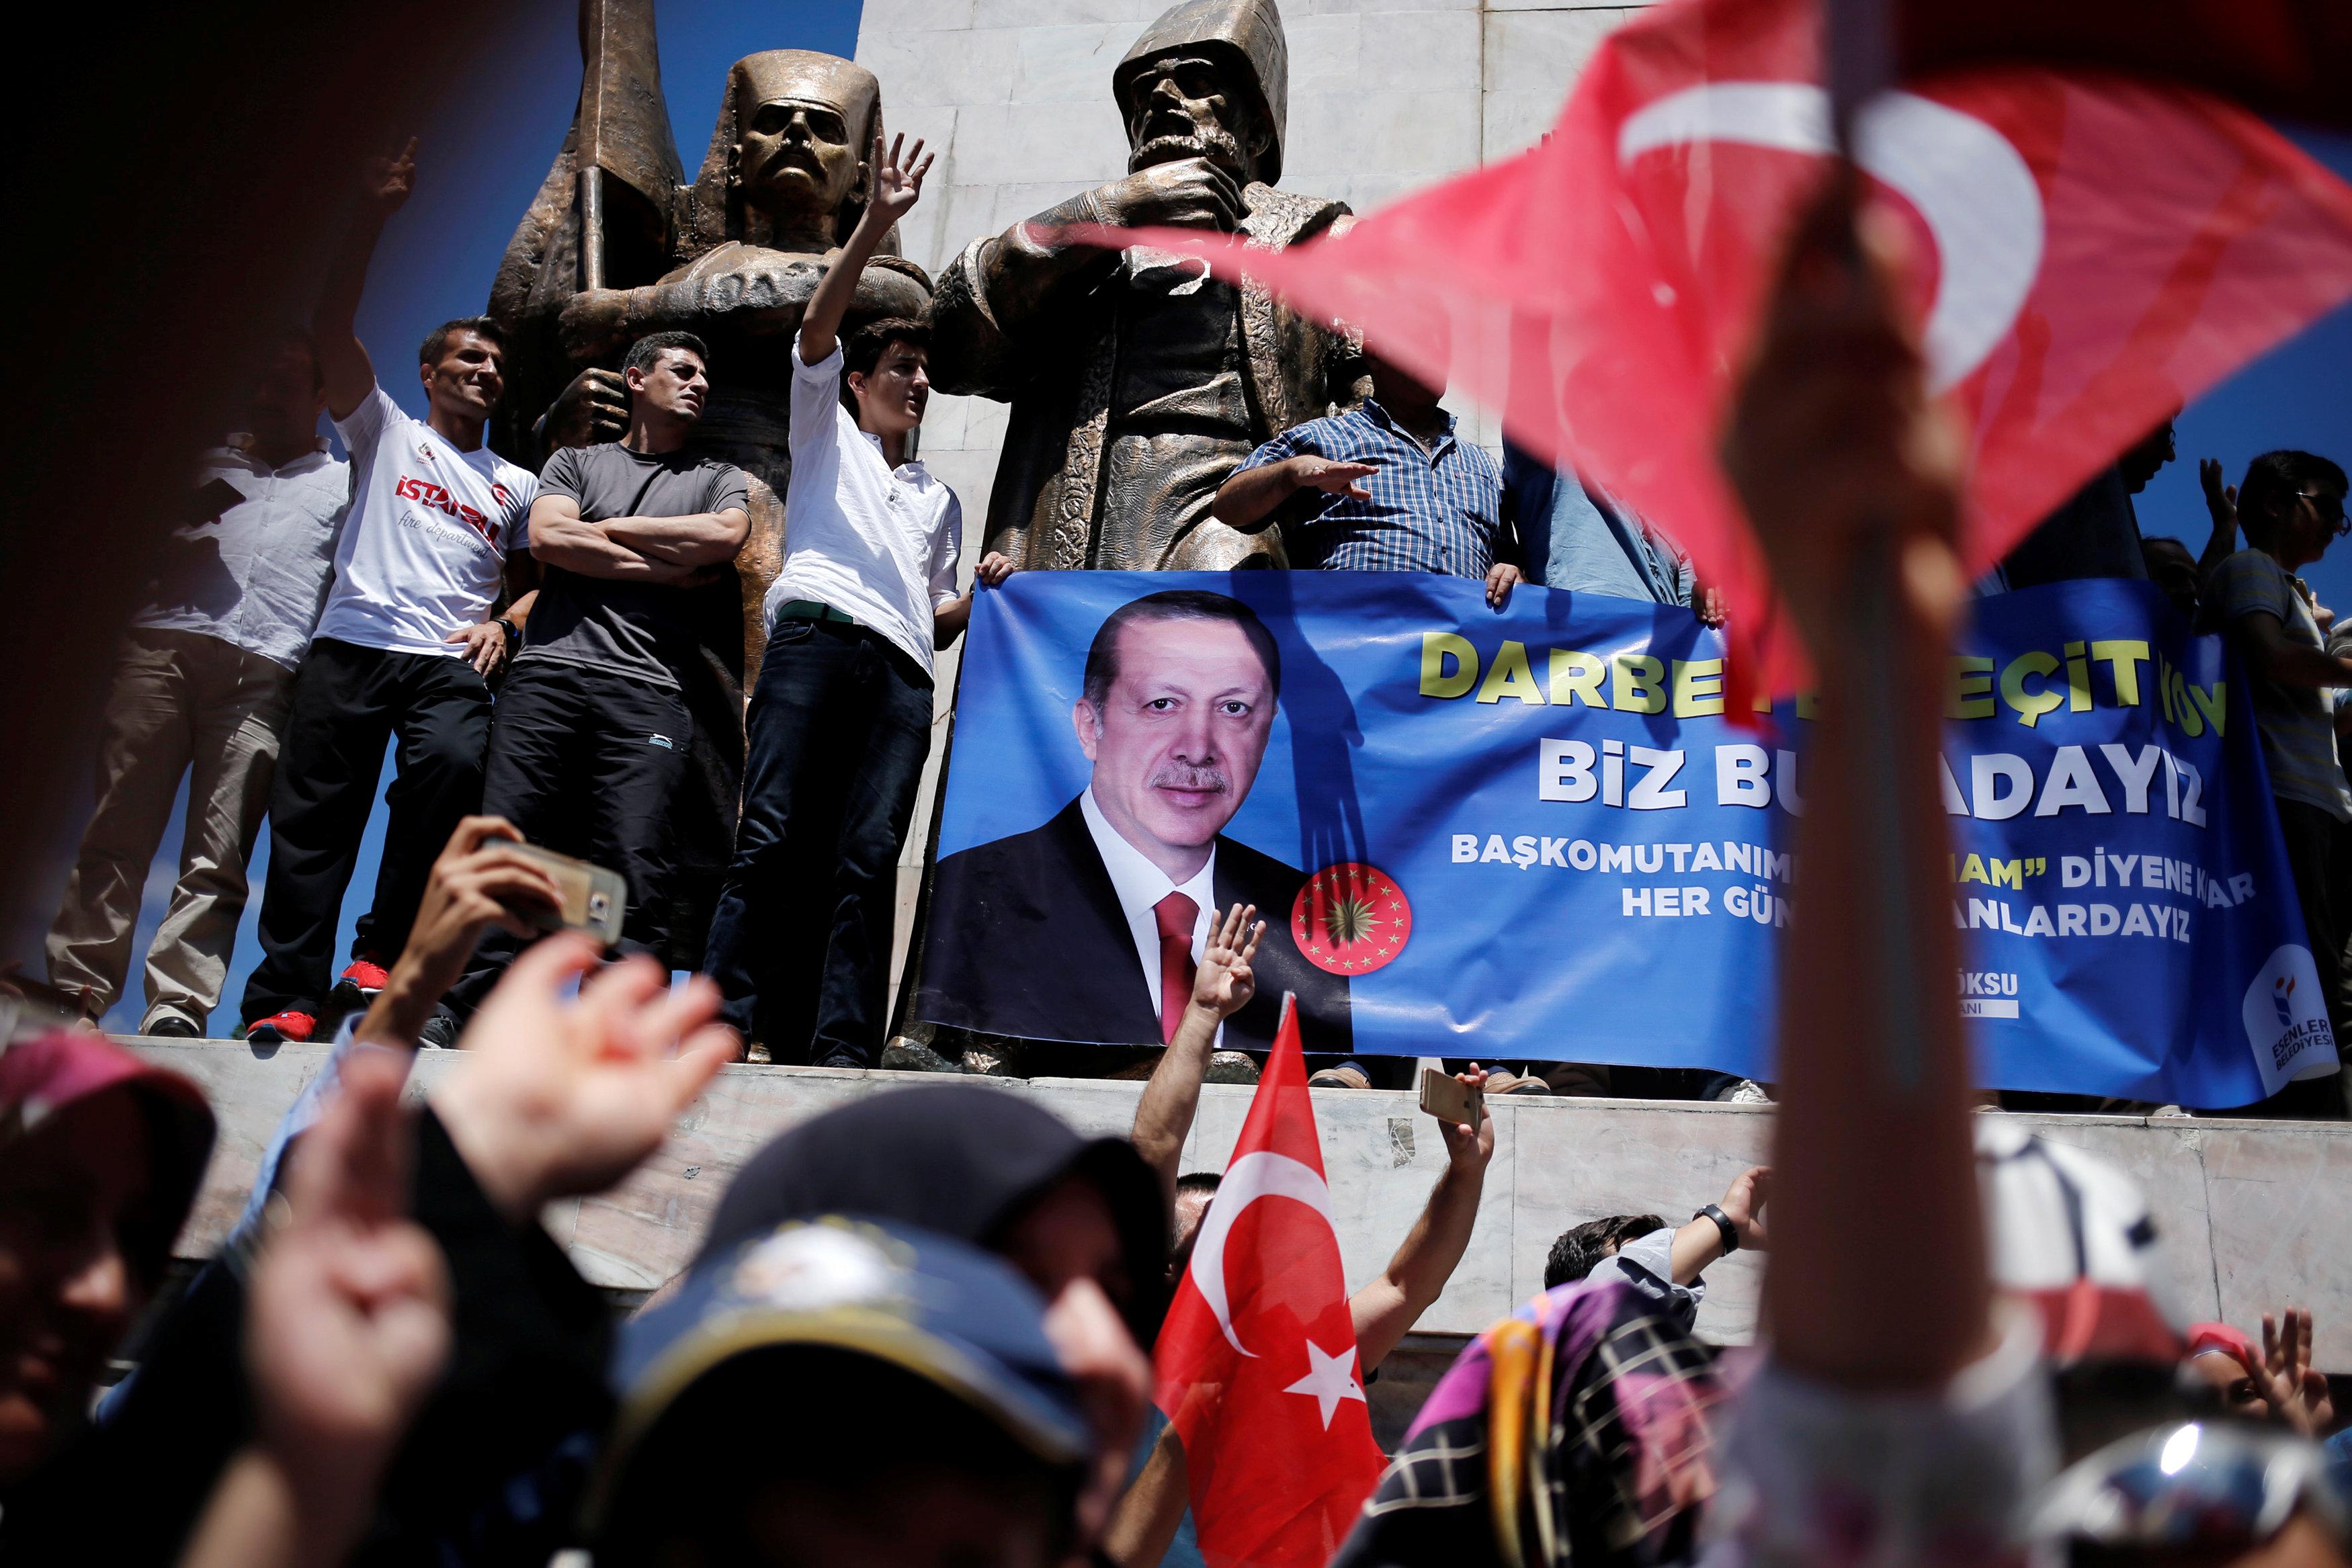 Cторонники президента Турции Реджепа Тайипа Эрдогана празднуют провал переворота.